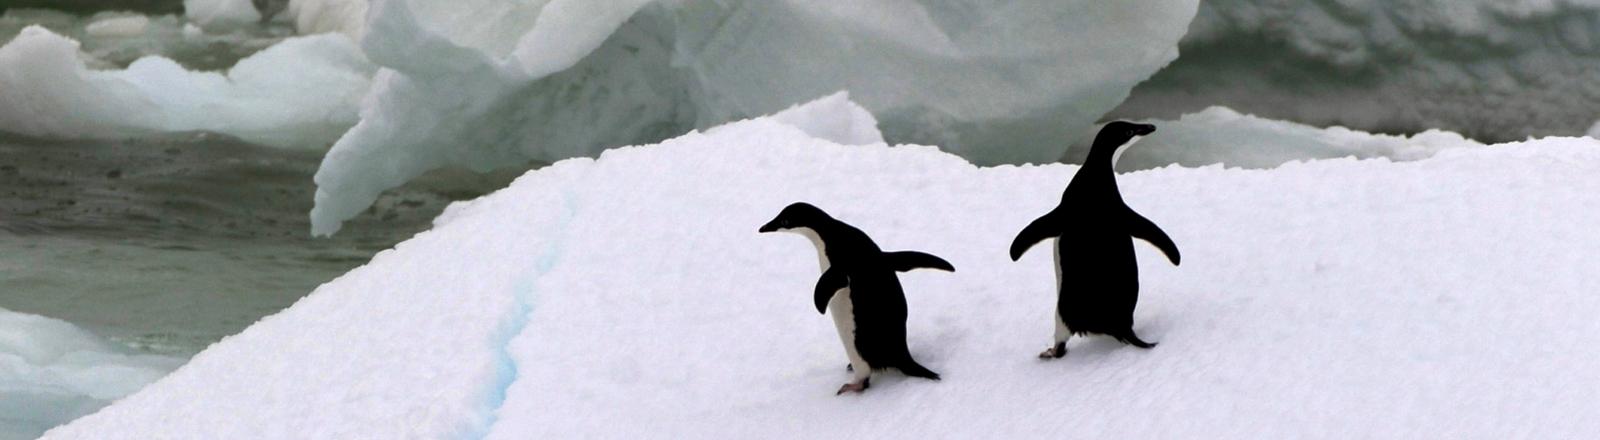 Zwei Pinguine gehen in unterschiedliche Richtungen